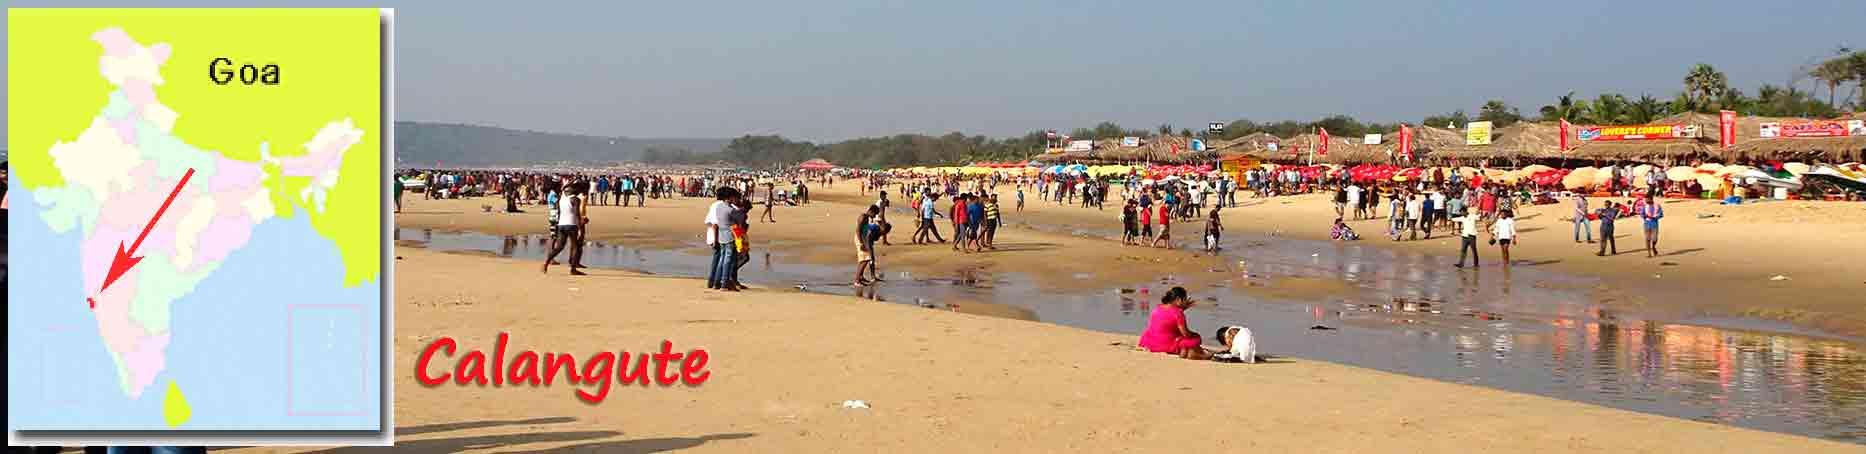 Playa Calangute y gente